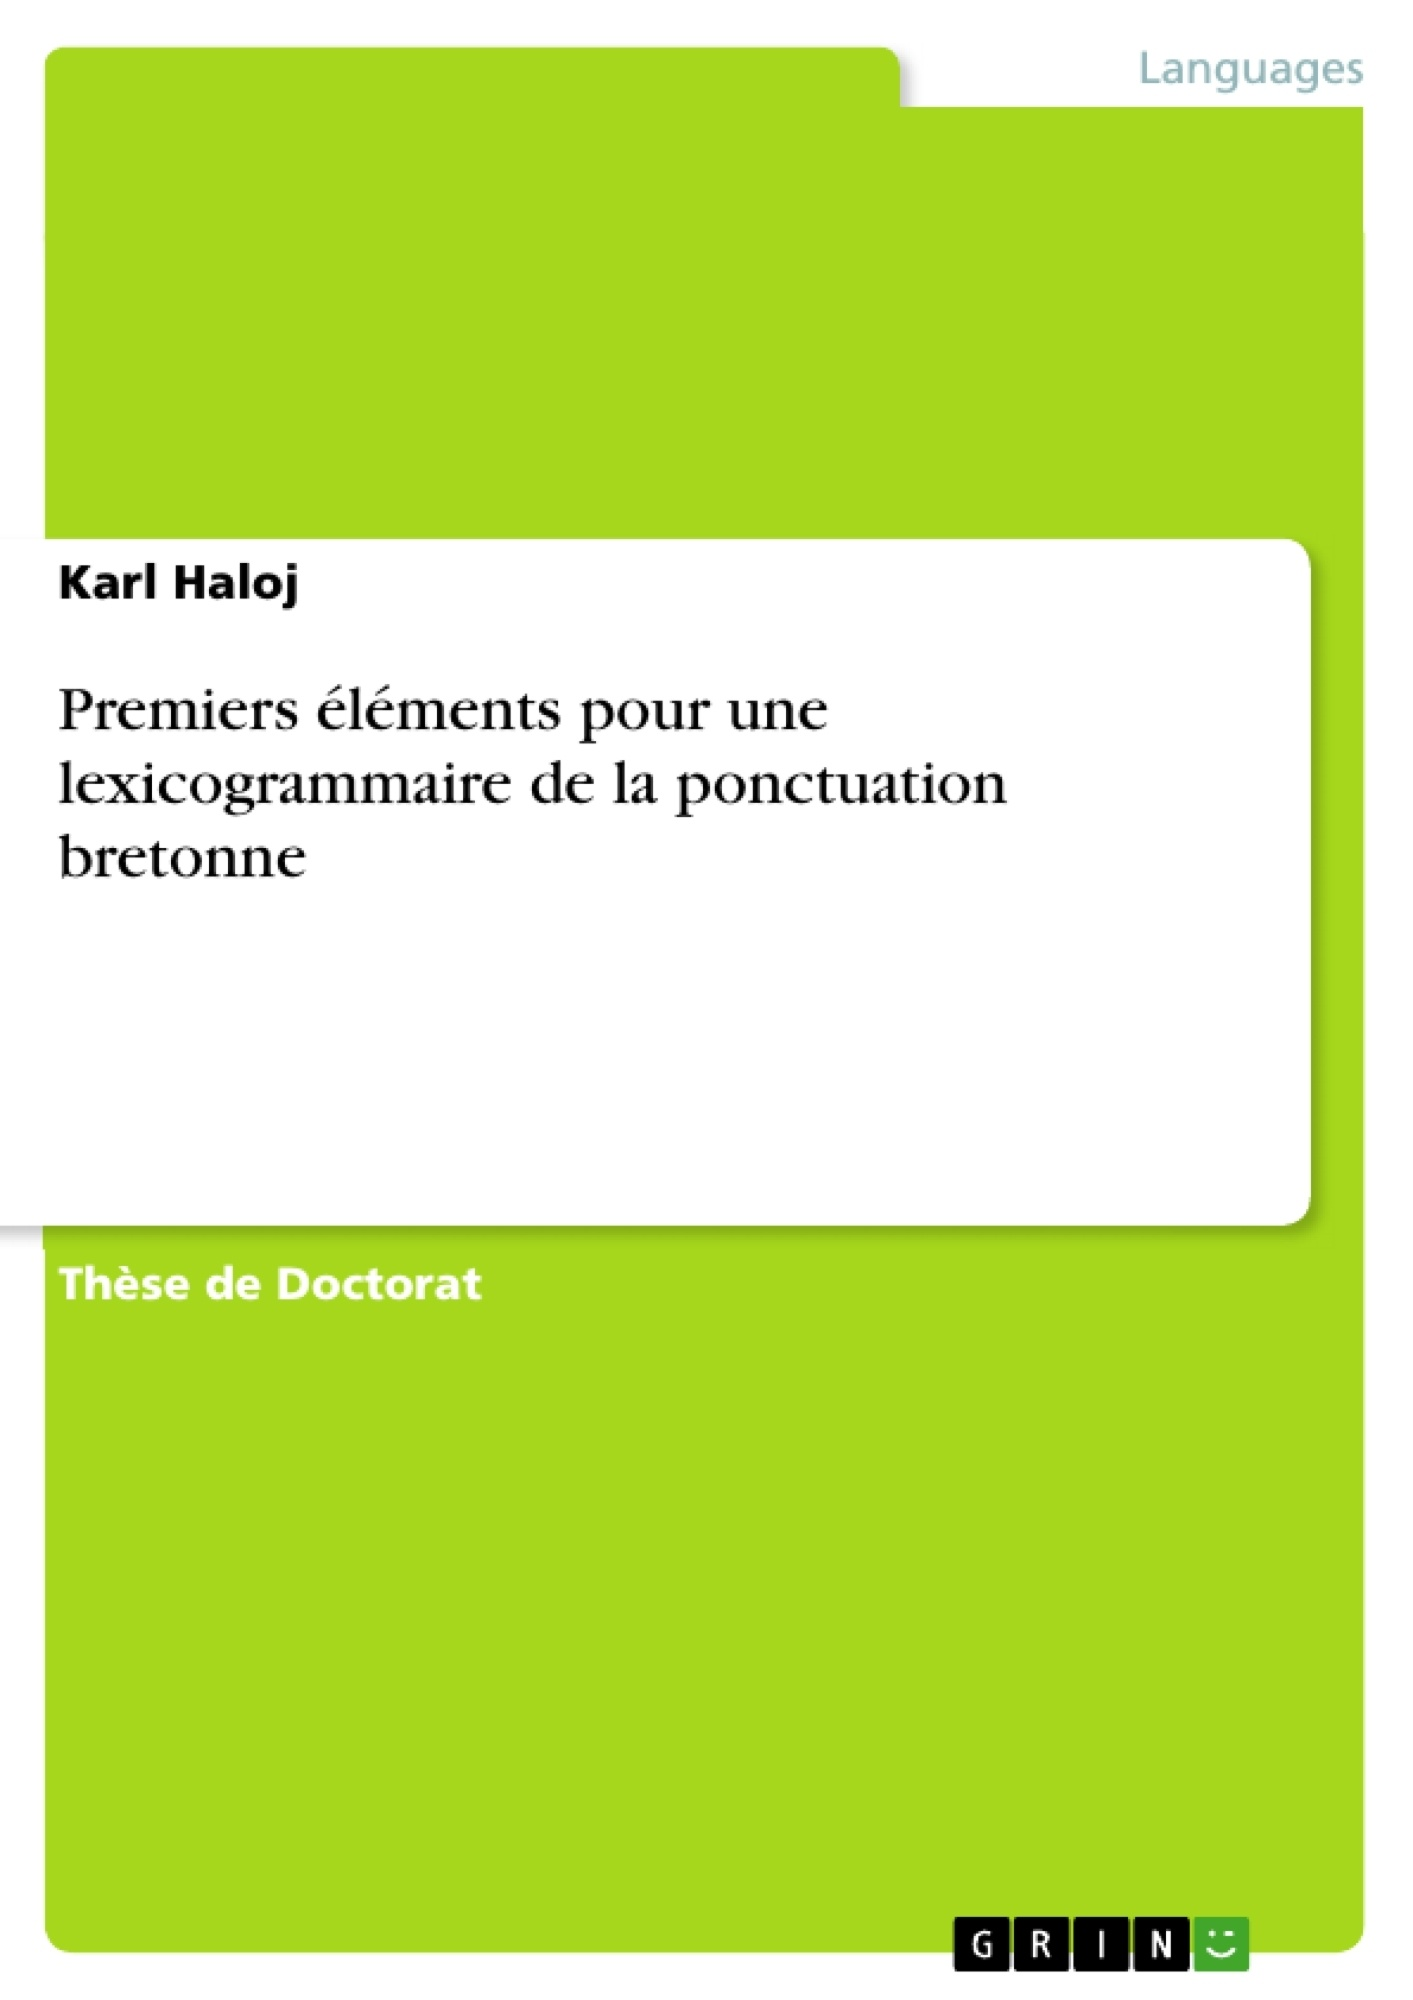 Titre: Premiers éléments pour une lexicogrammaire de la ponctuation bretonne